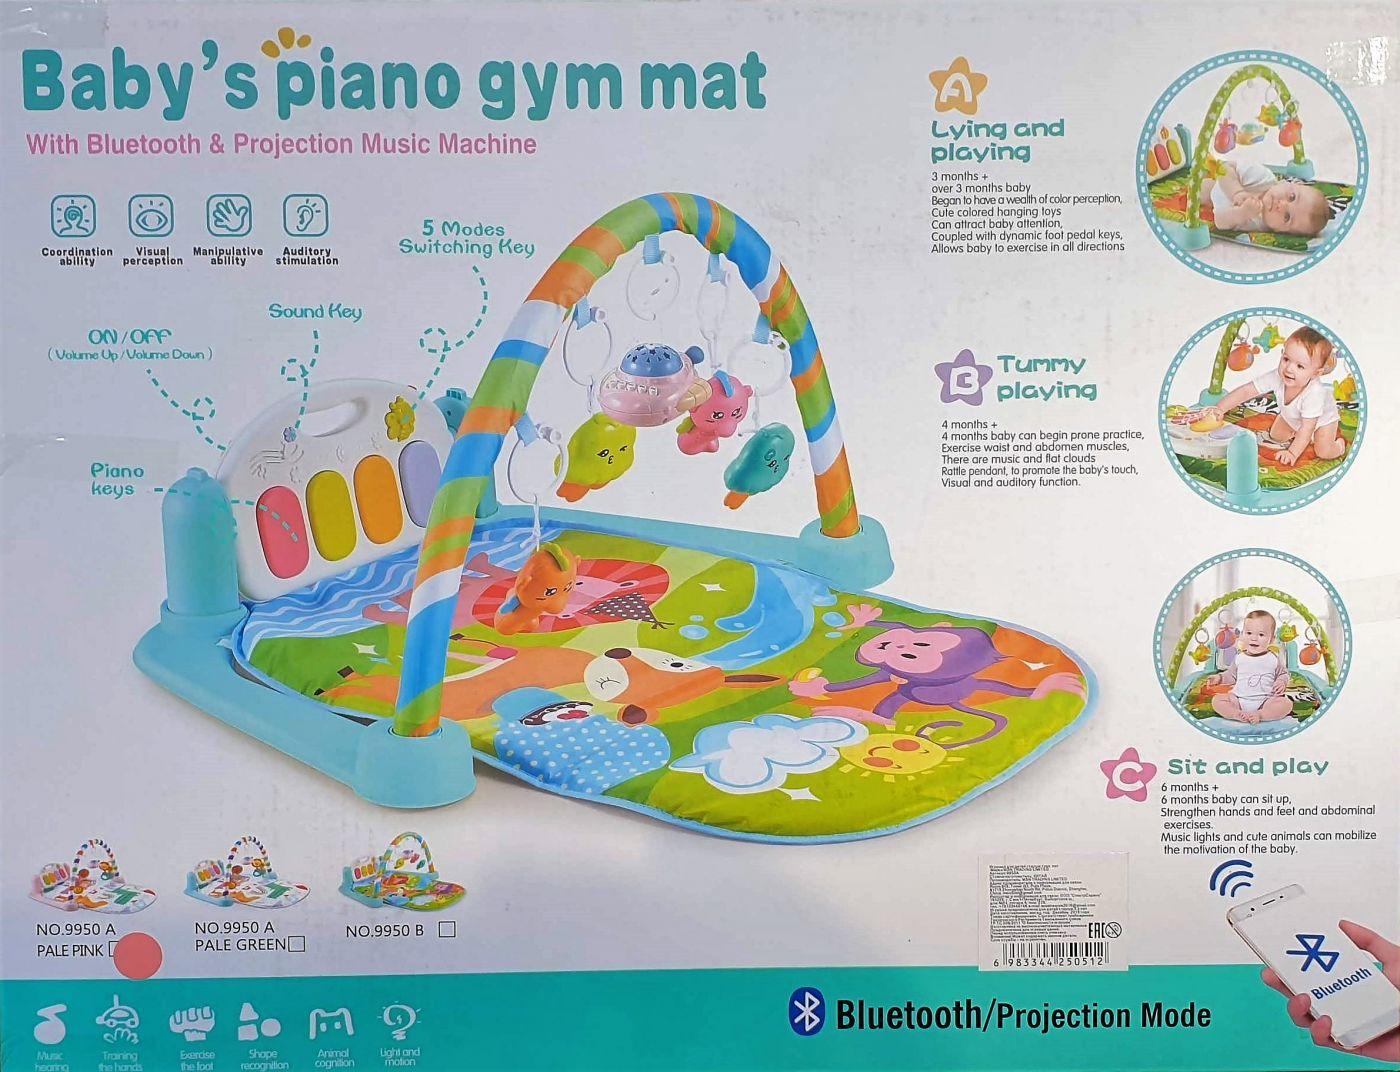 Детский игровой коврик с пианино, проектором и блютуз 9950A